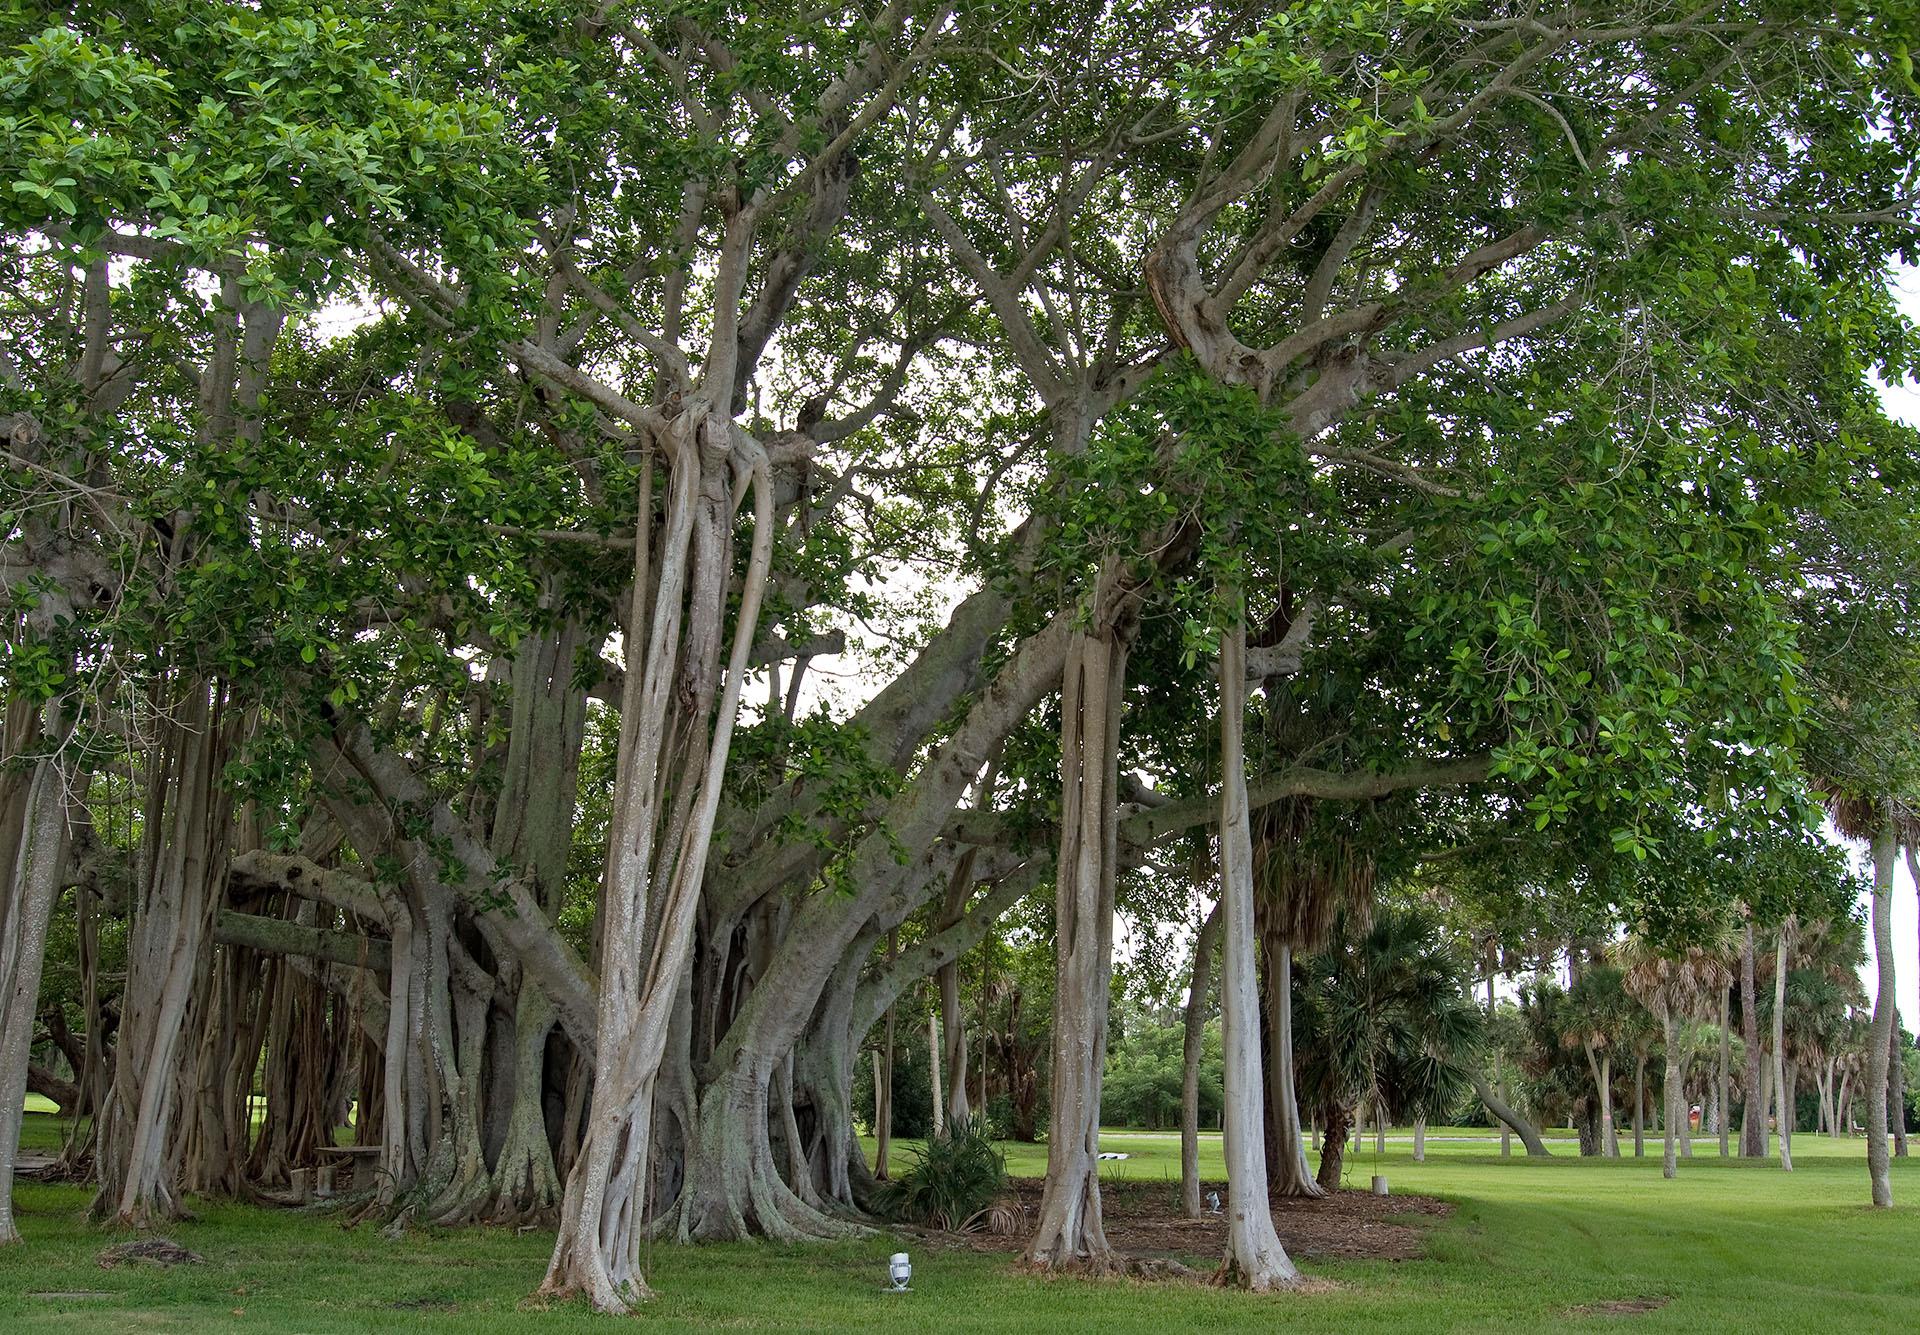 Banyan im Park des Ringling Museums, Sarasota